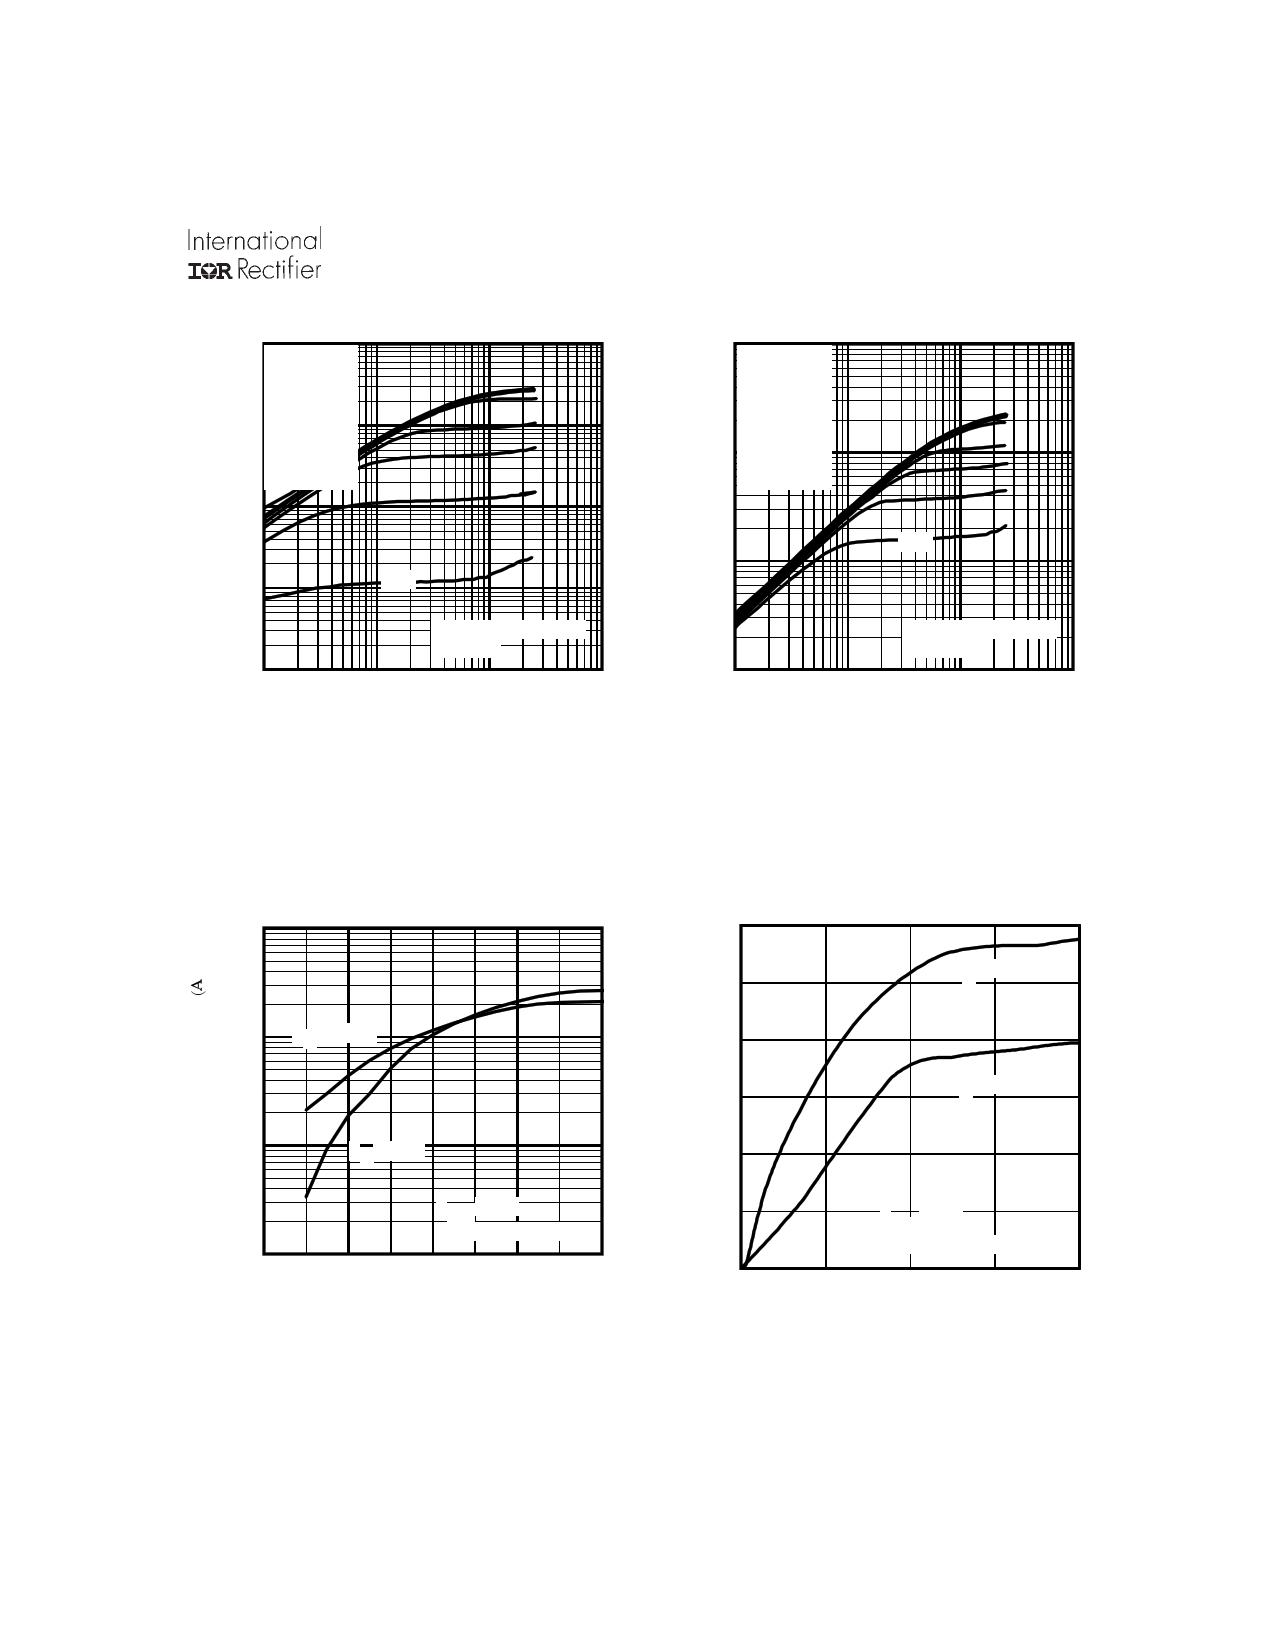 IRFR120Z pdf, ピン配列